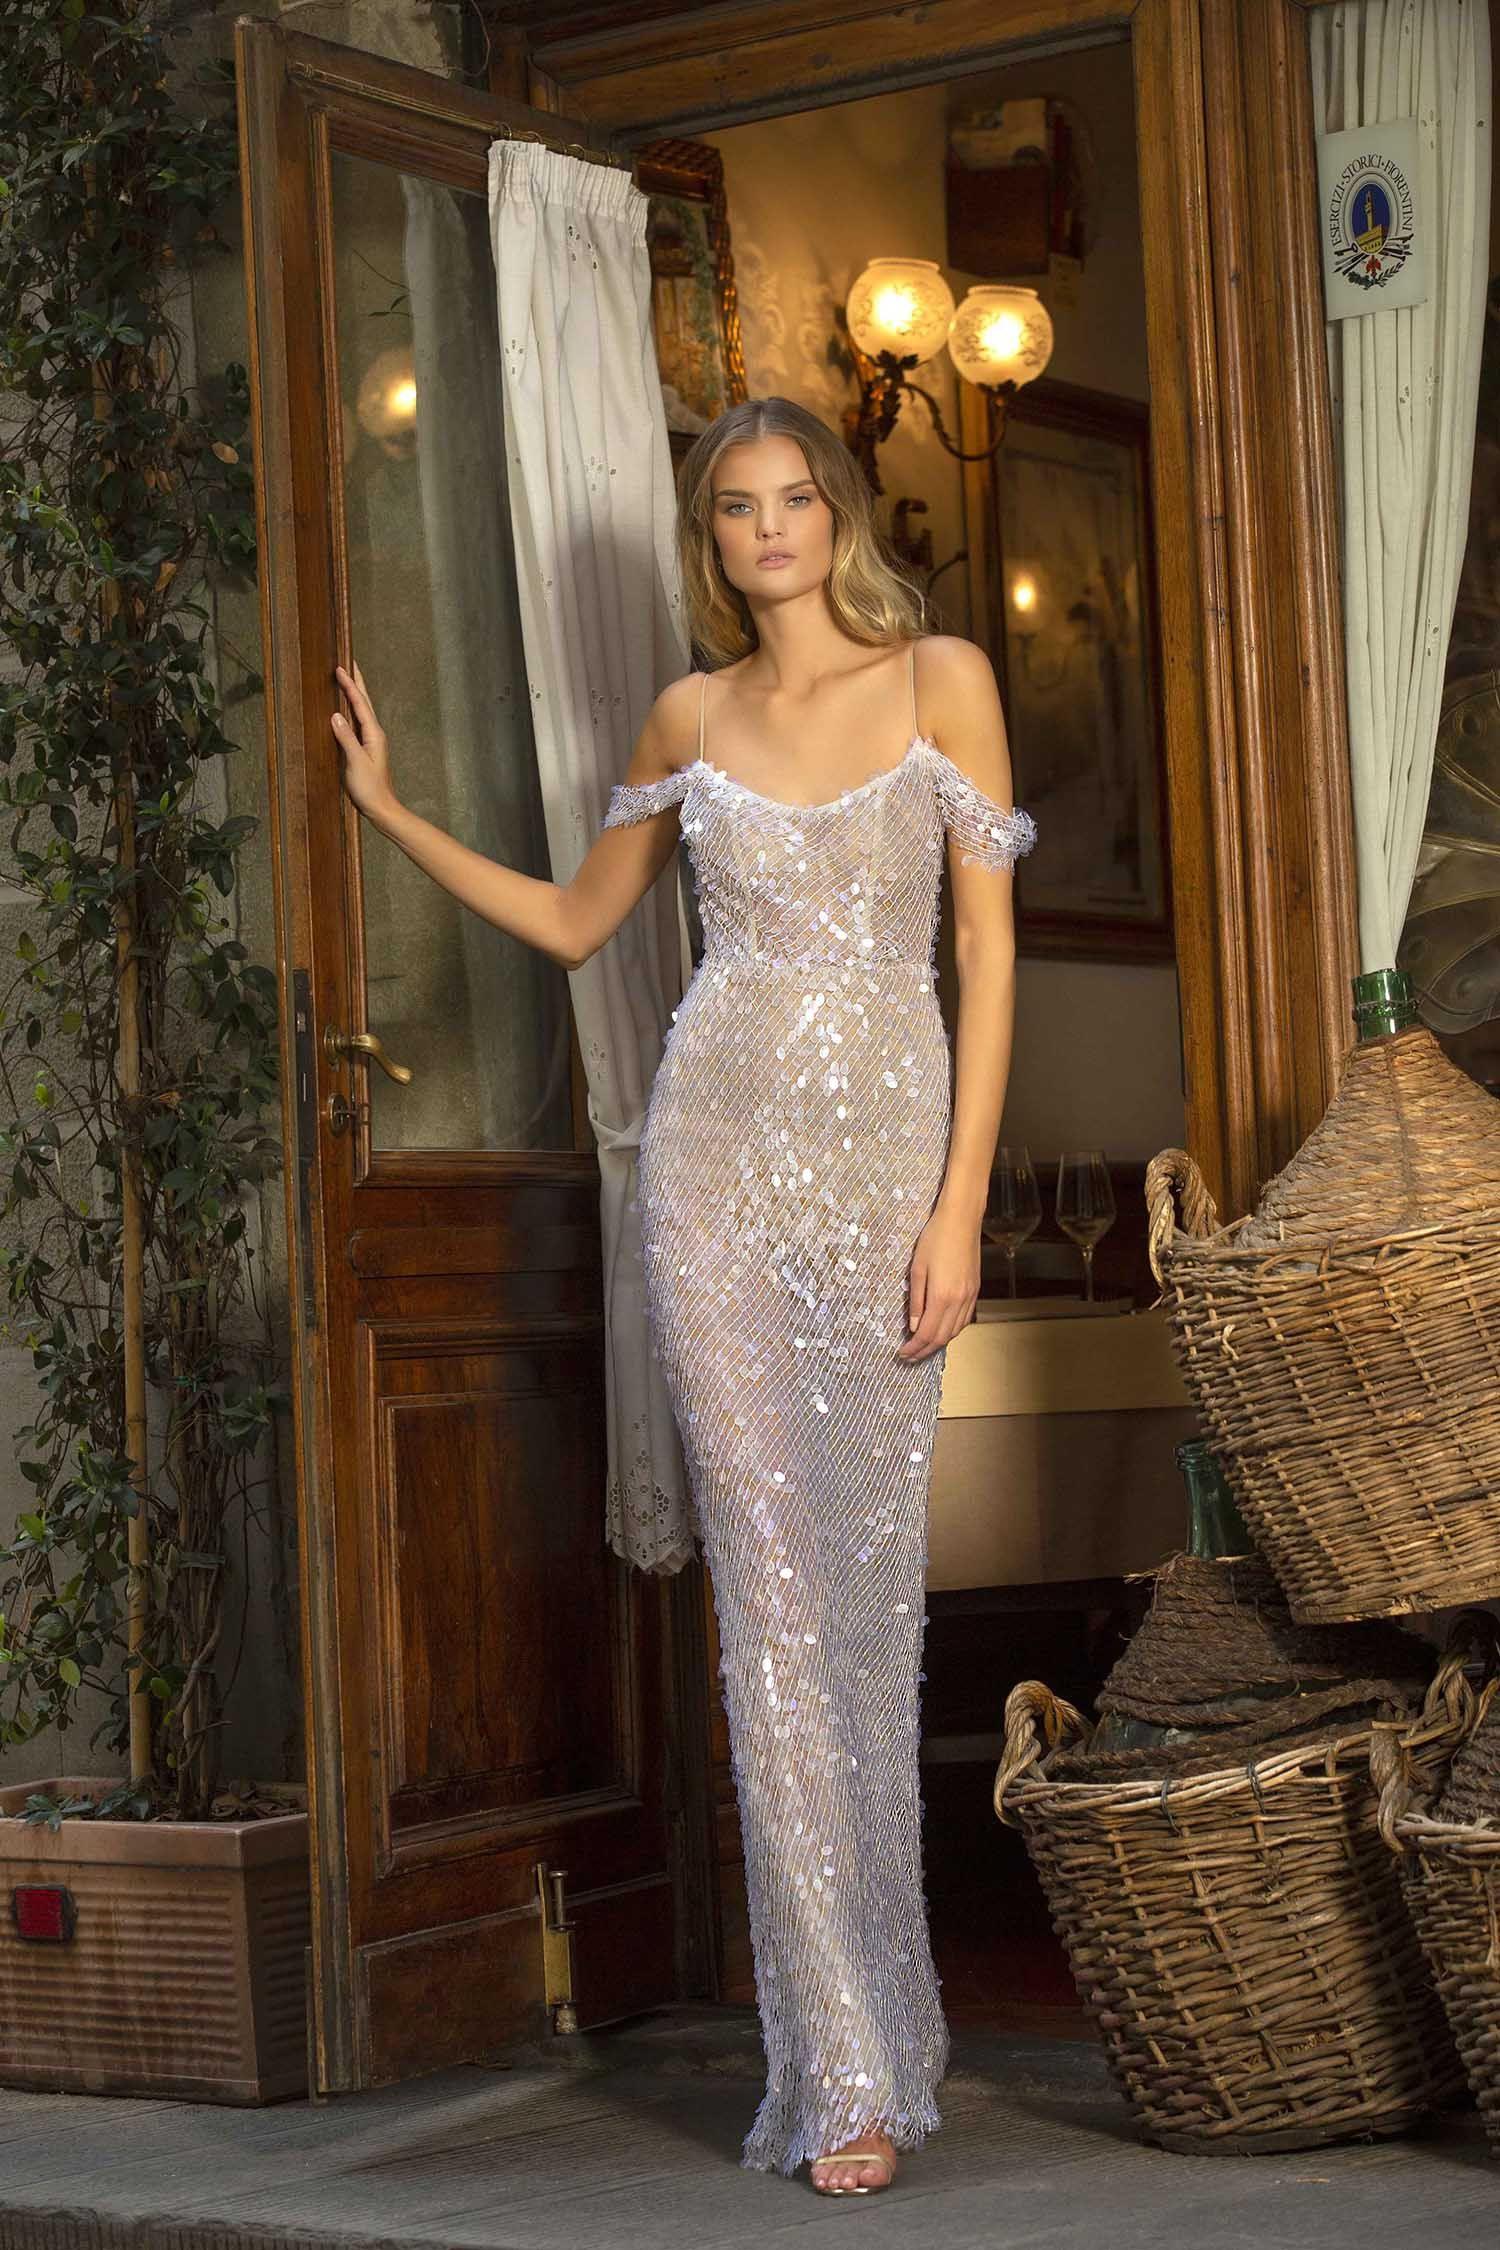 Formal Spektakulär Abendkleider F für 201920 Schön Abendkleider F Stylish